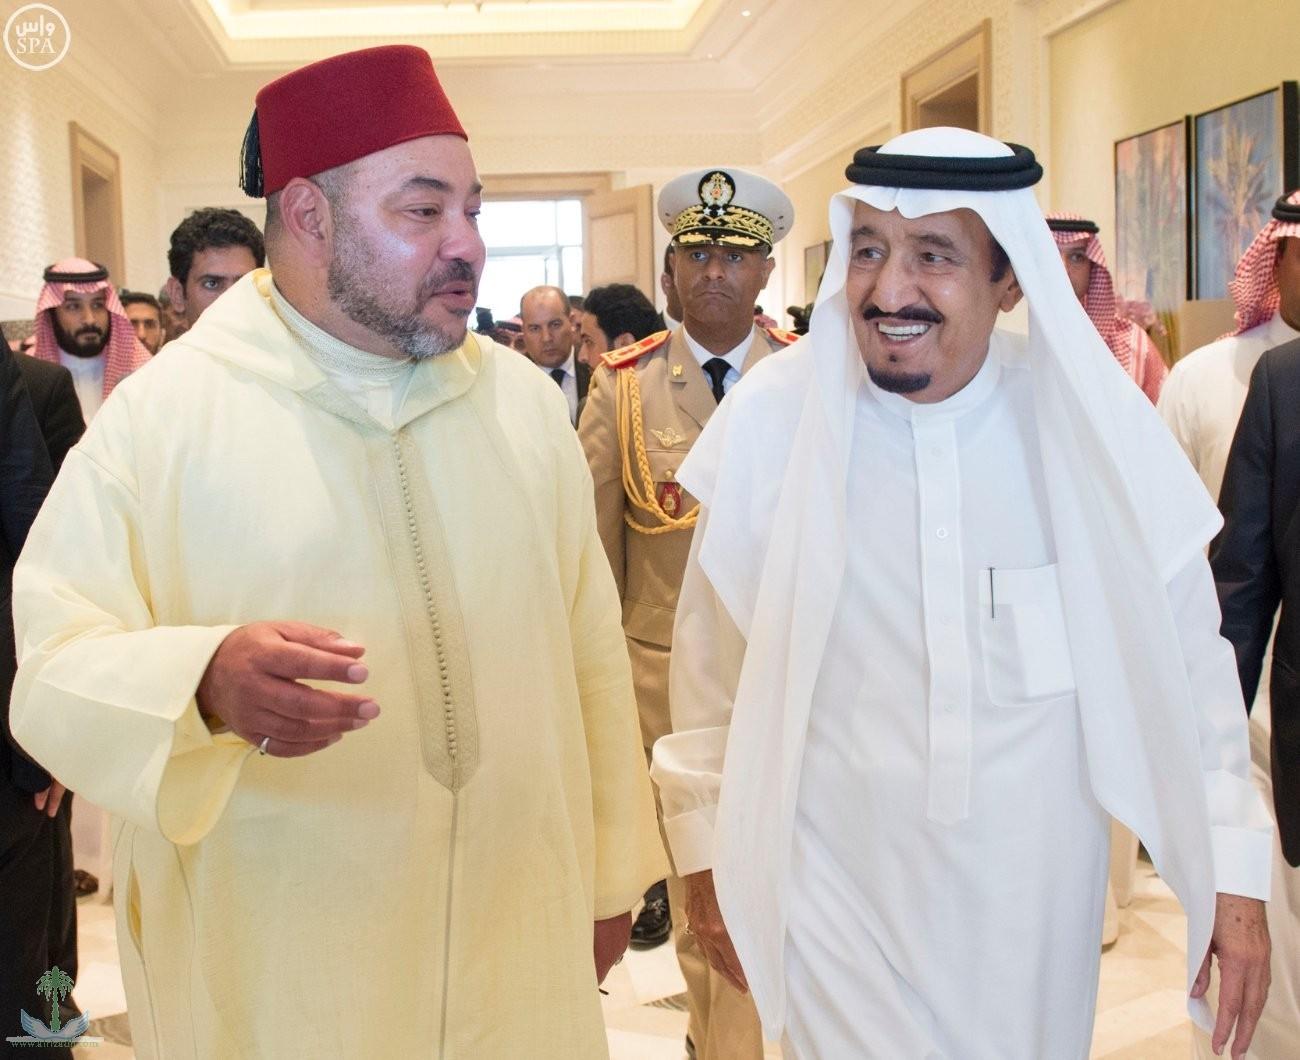 بعد انسحابه من التحالف ومعارضته مقاطعة قطر.. تصريح عاجل من ملك المغرب بشأن الملك سلمان